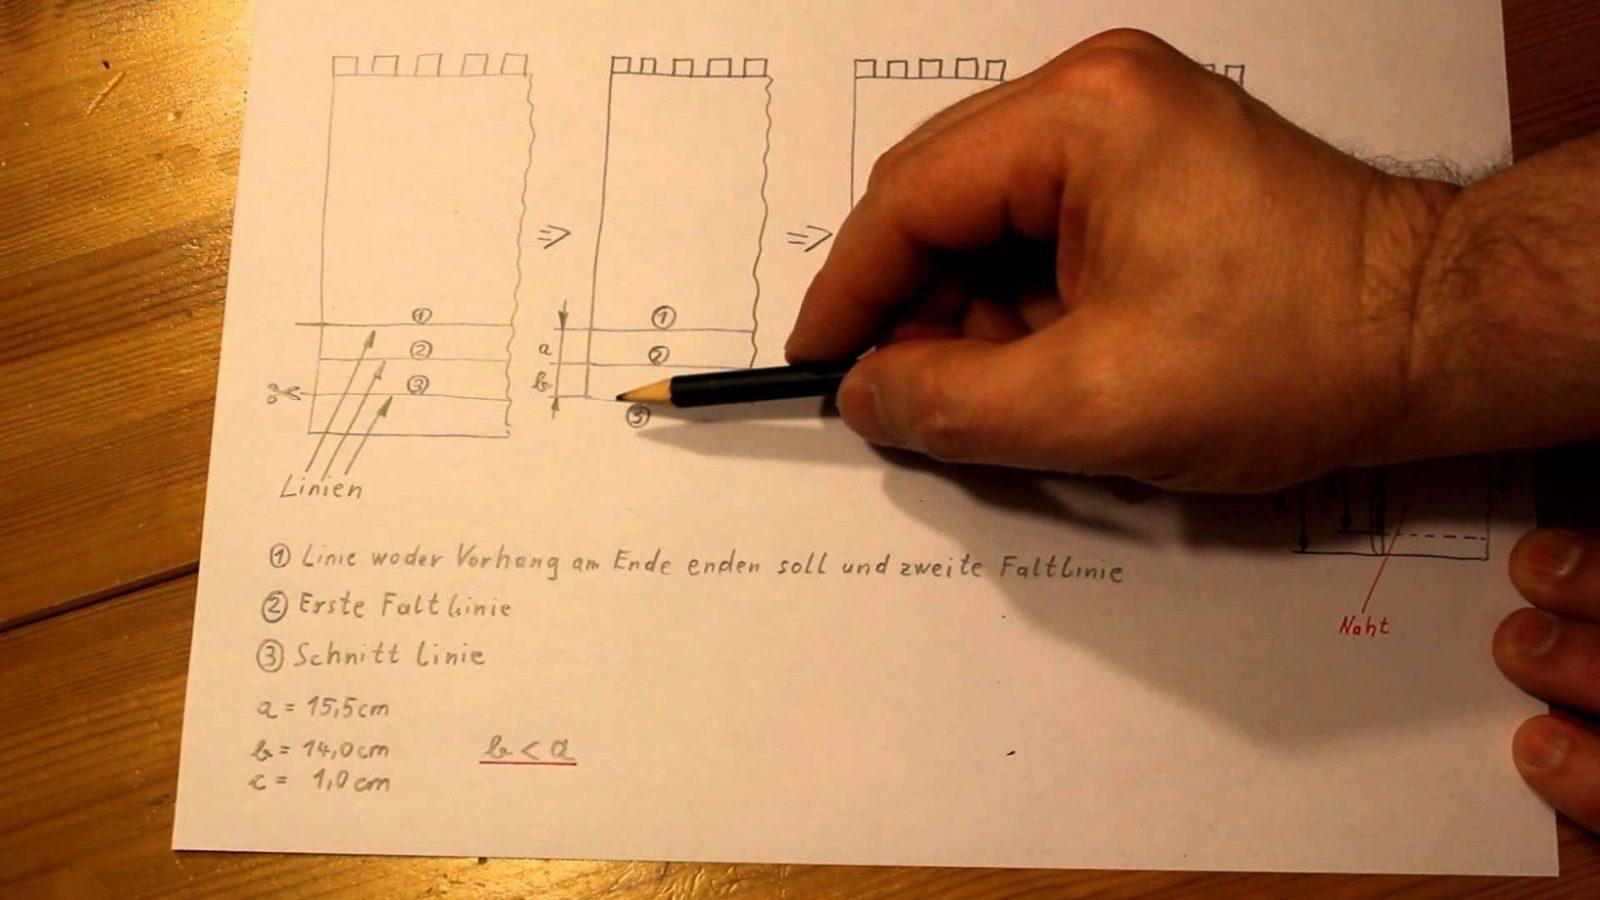 Vorhang Kürzen Teil 0808 Die Skizze  Youtube von Gardinen Kürzen Ikea Bild